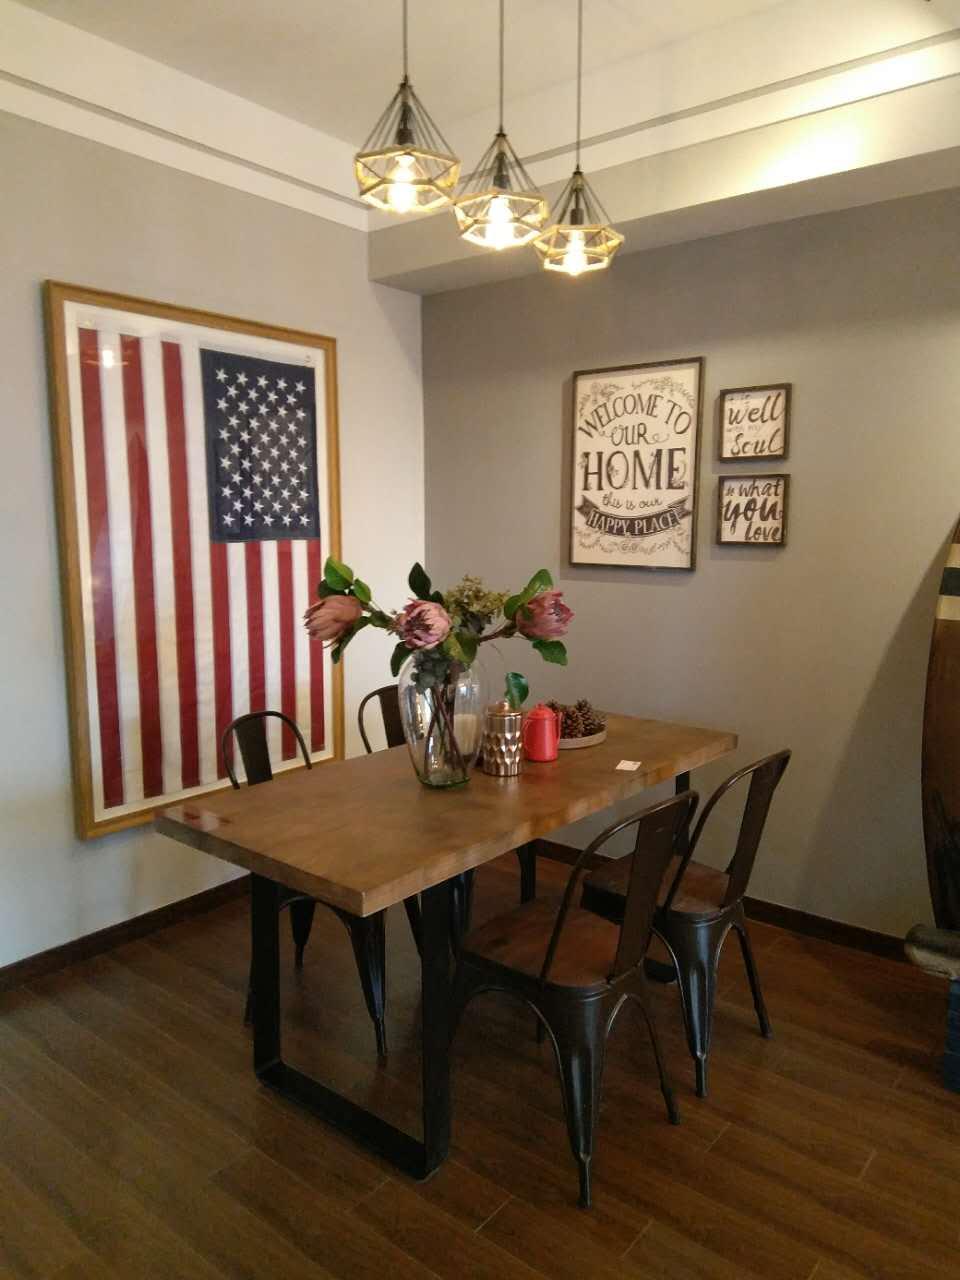 餐厅里,三组灯具裸露的管线个性十足;大幅美国国旗凸显了整体家居的质感。